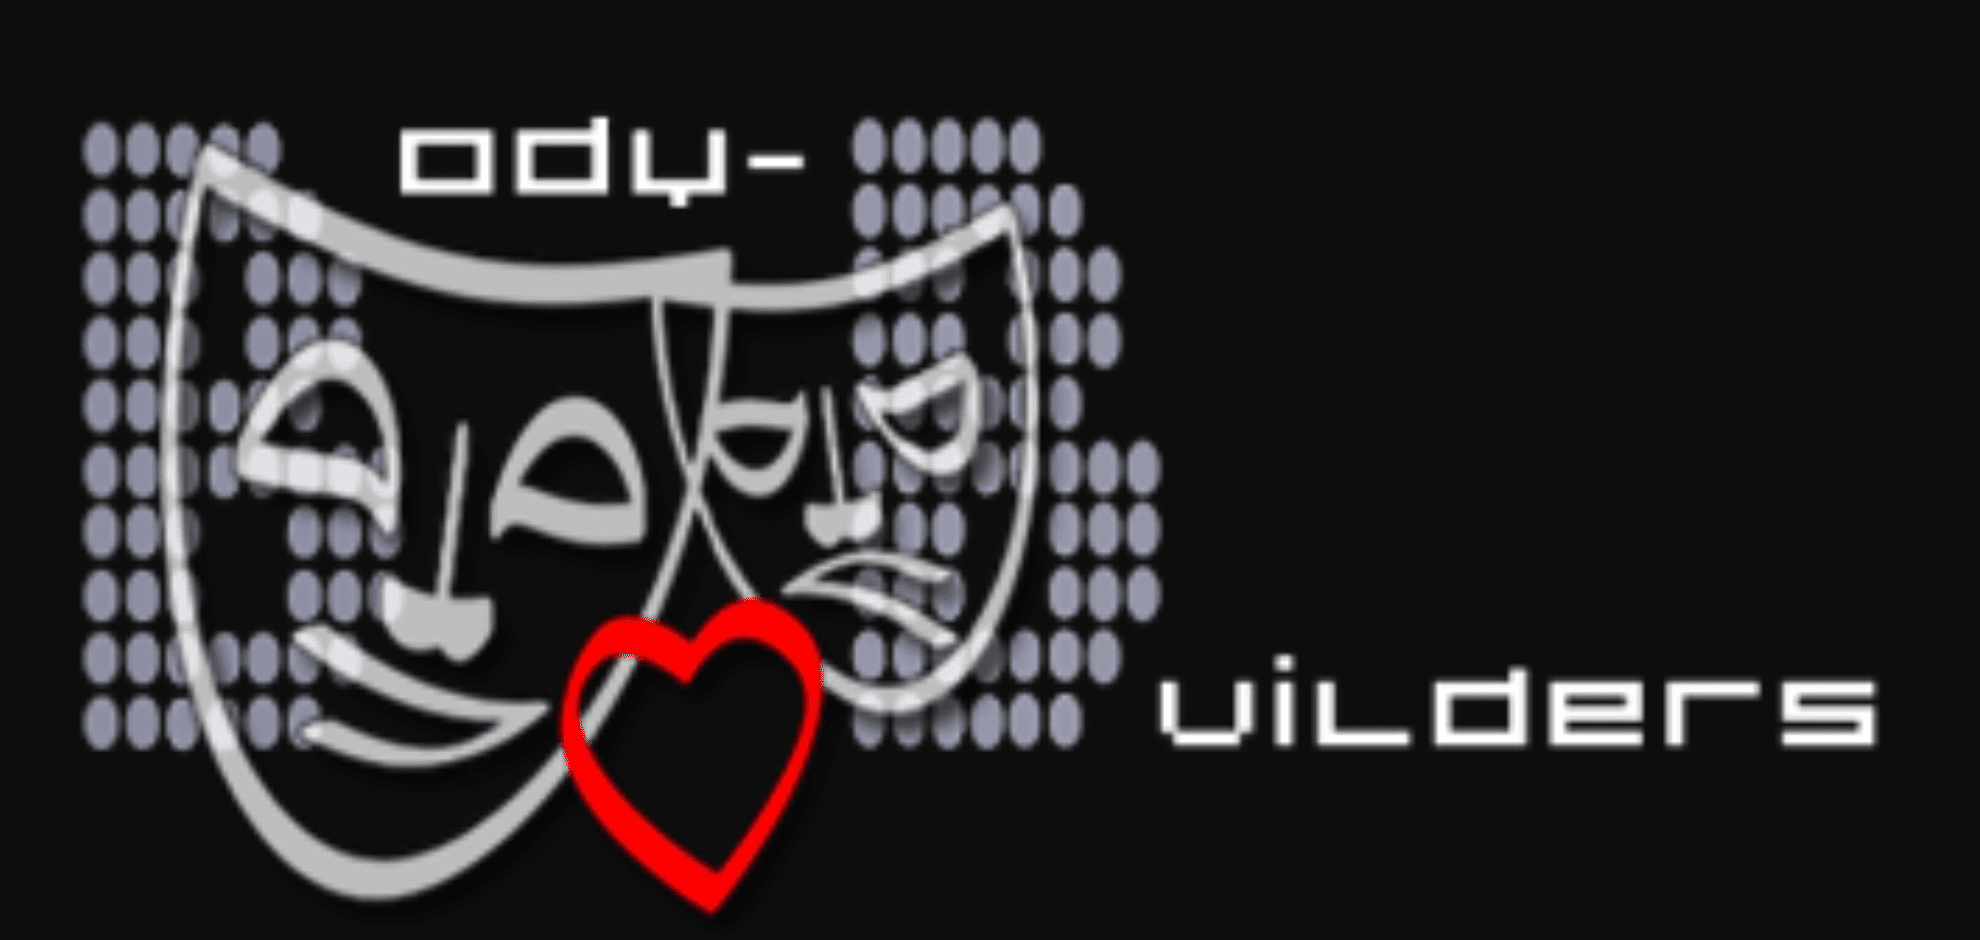 Christian website logo